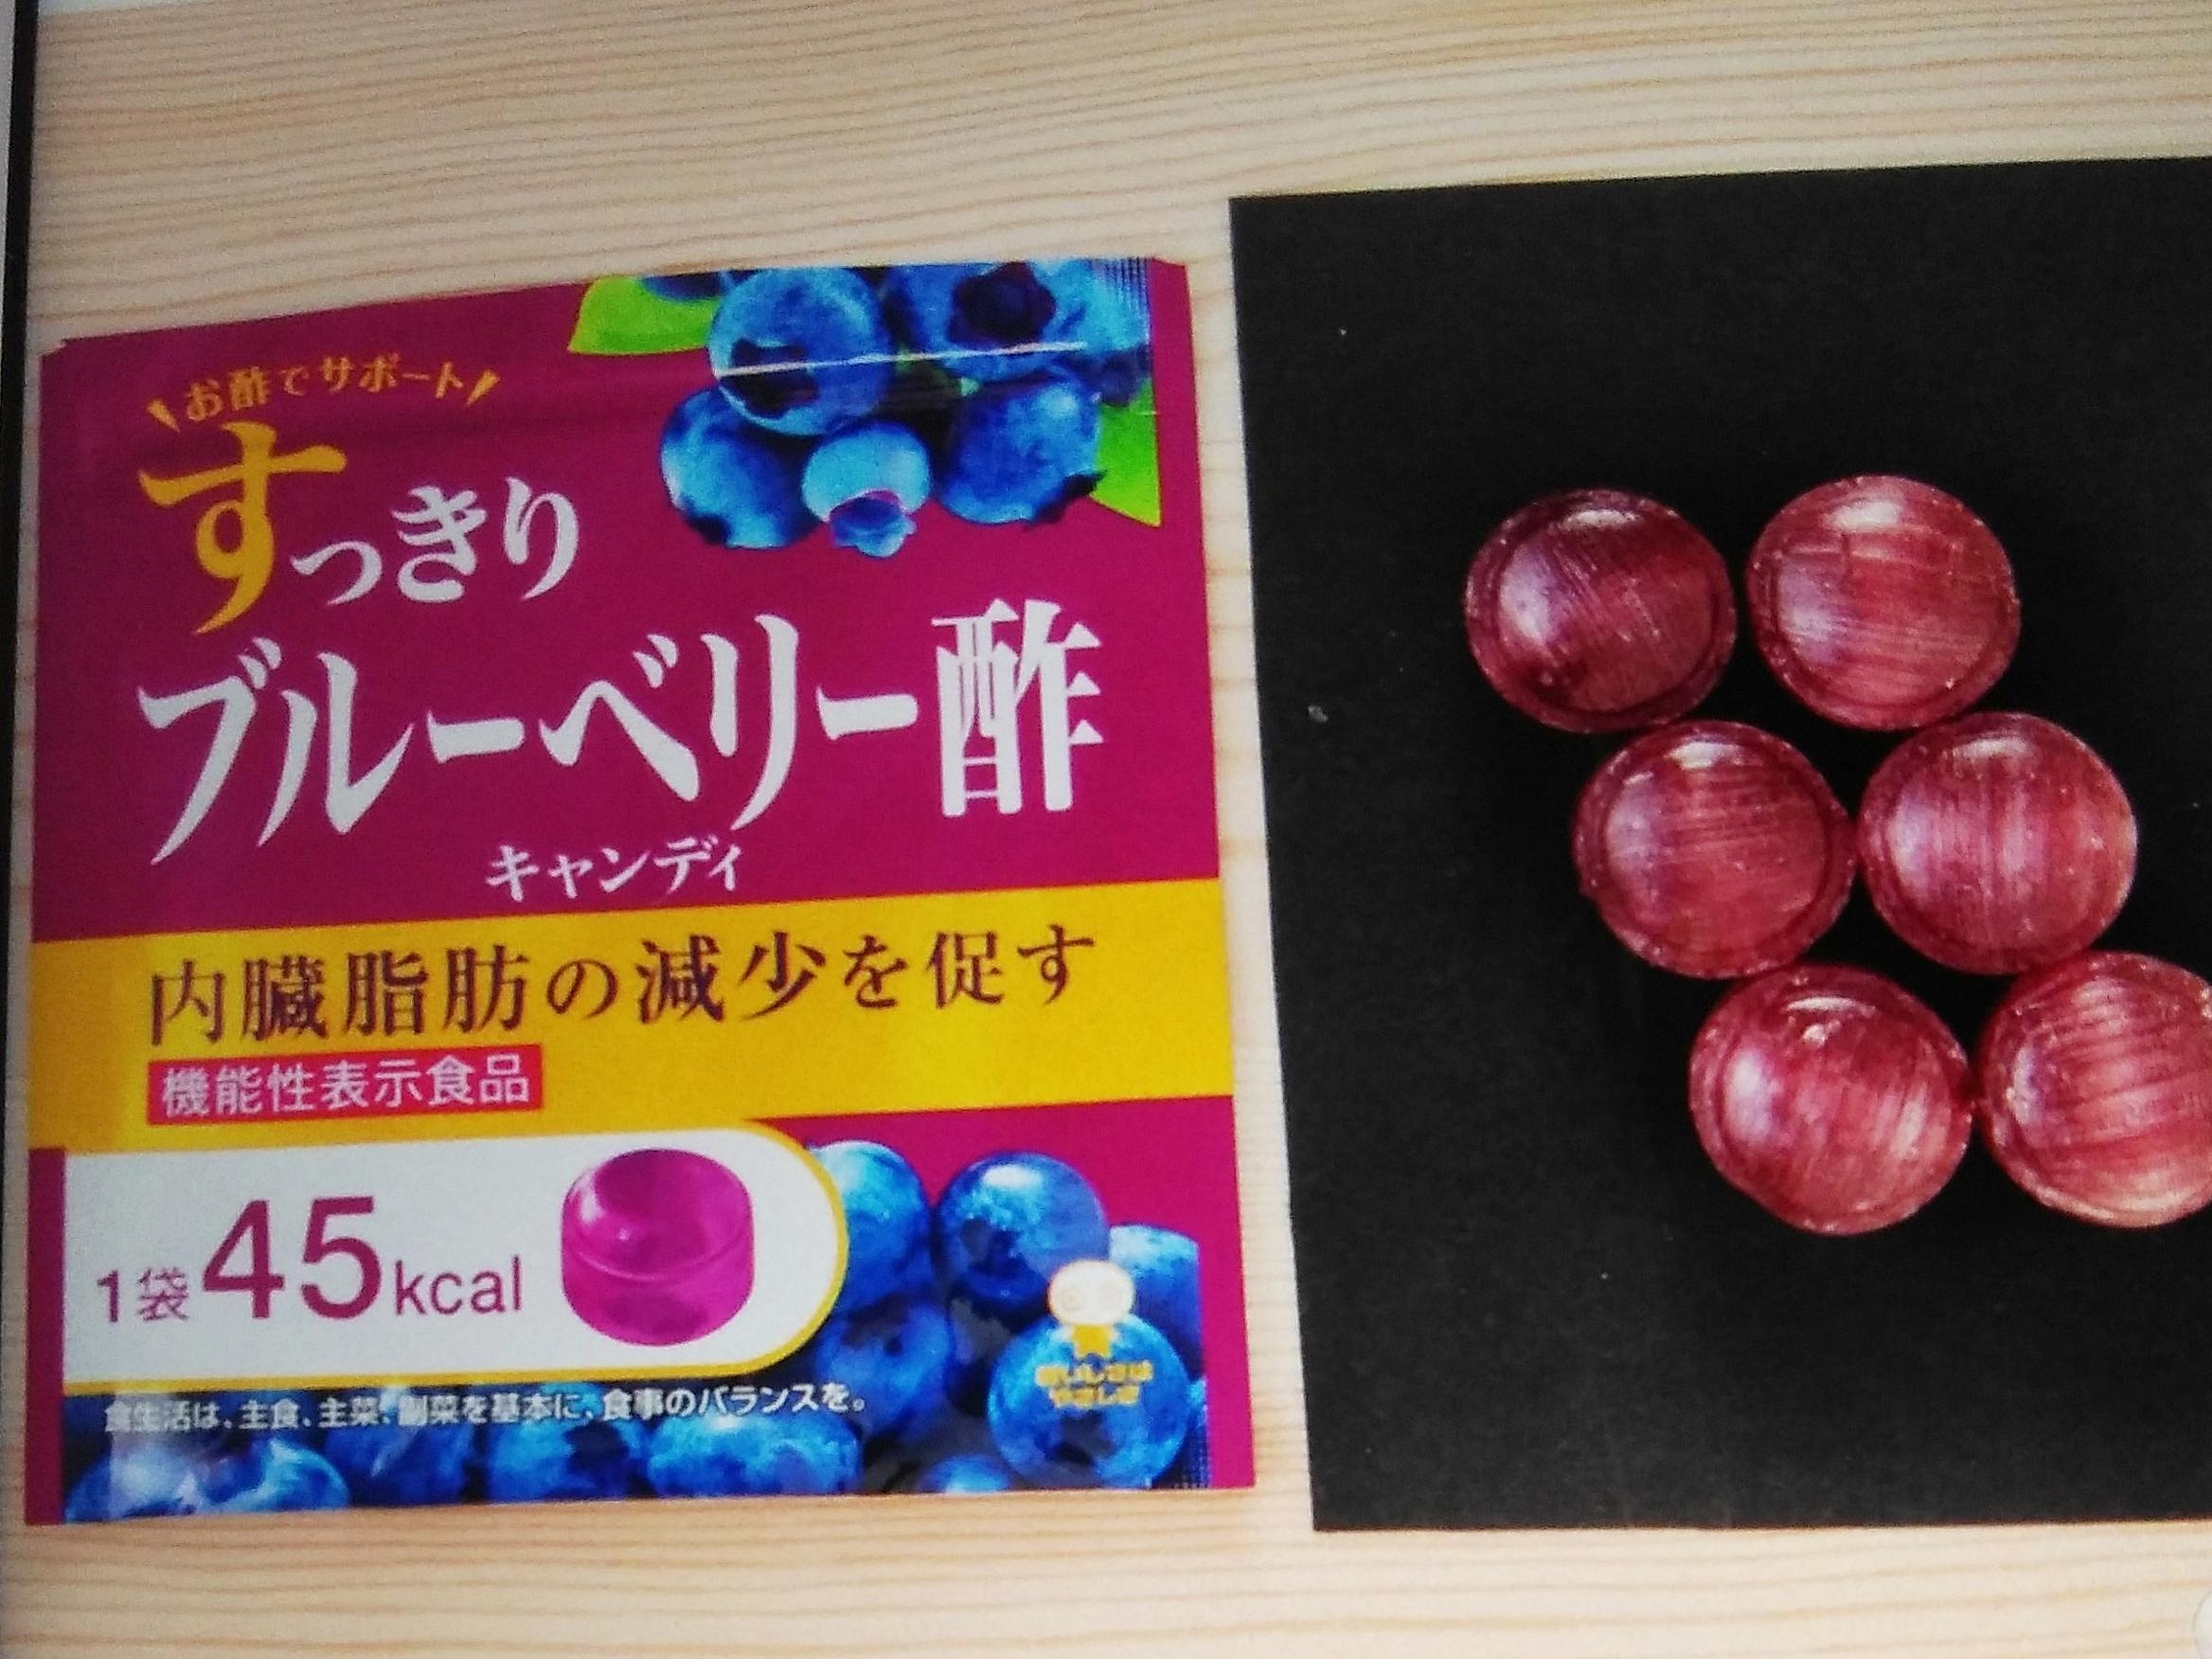 セブンにあるのど飴の種類一覧&値段マヌカハニーやはちみつのは?14